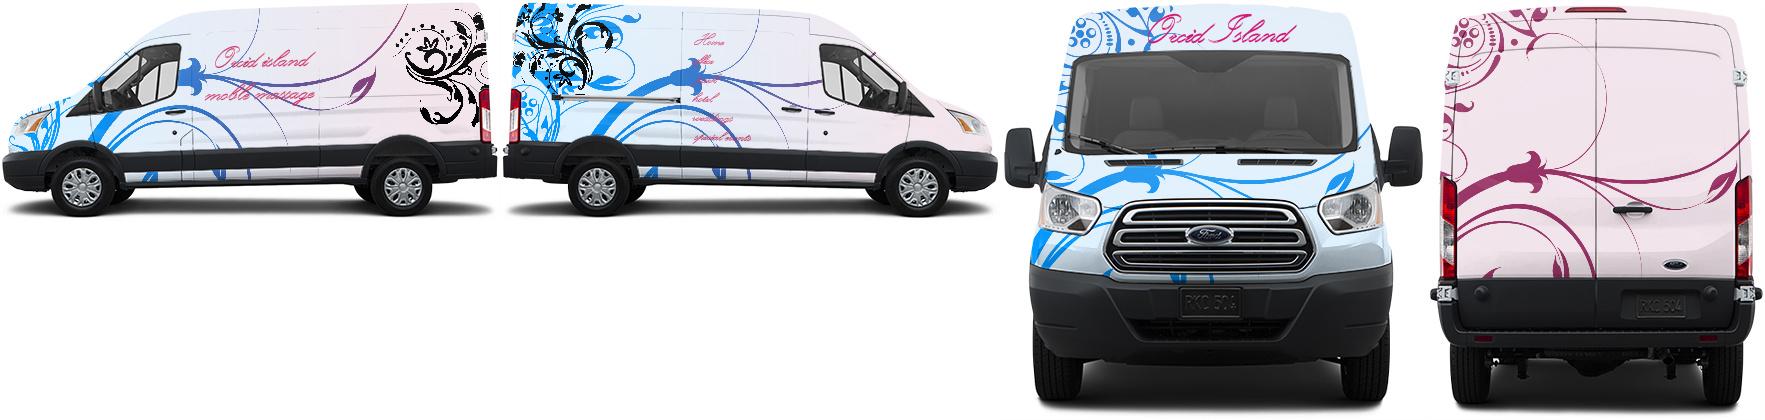 Transit Van Wrap #31656